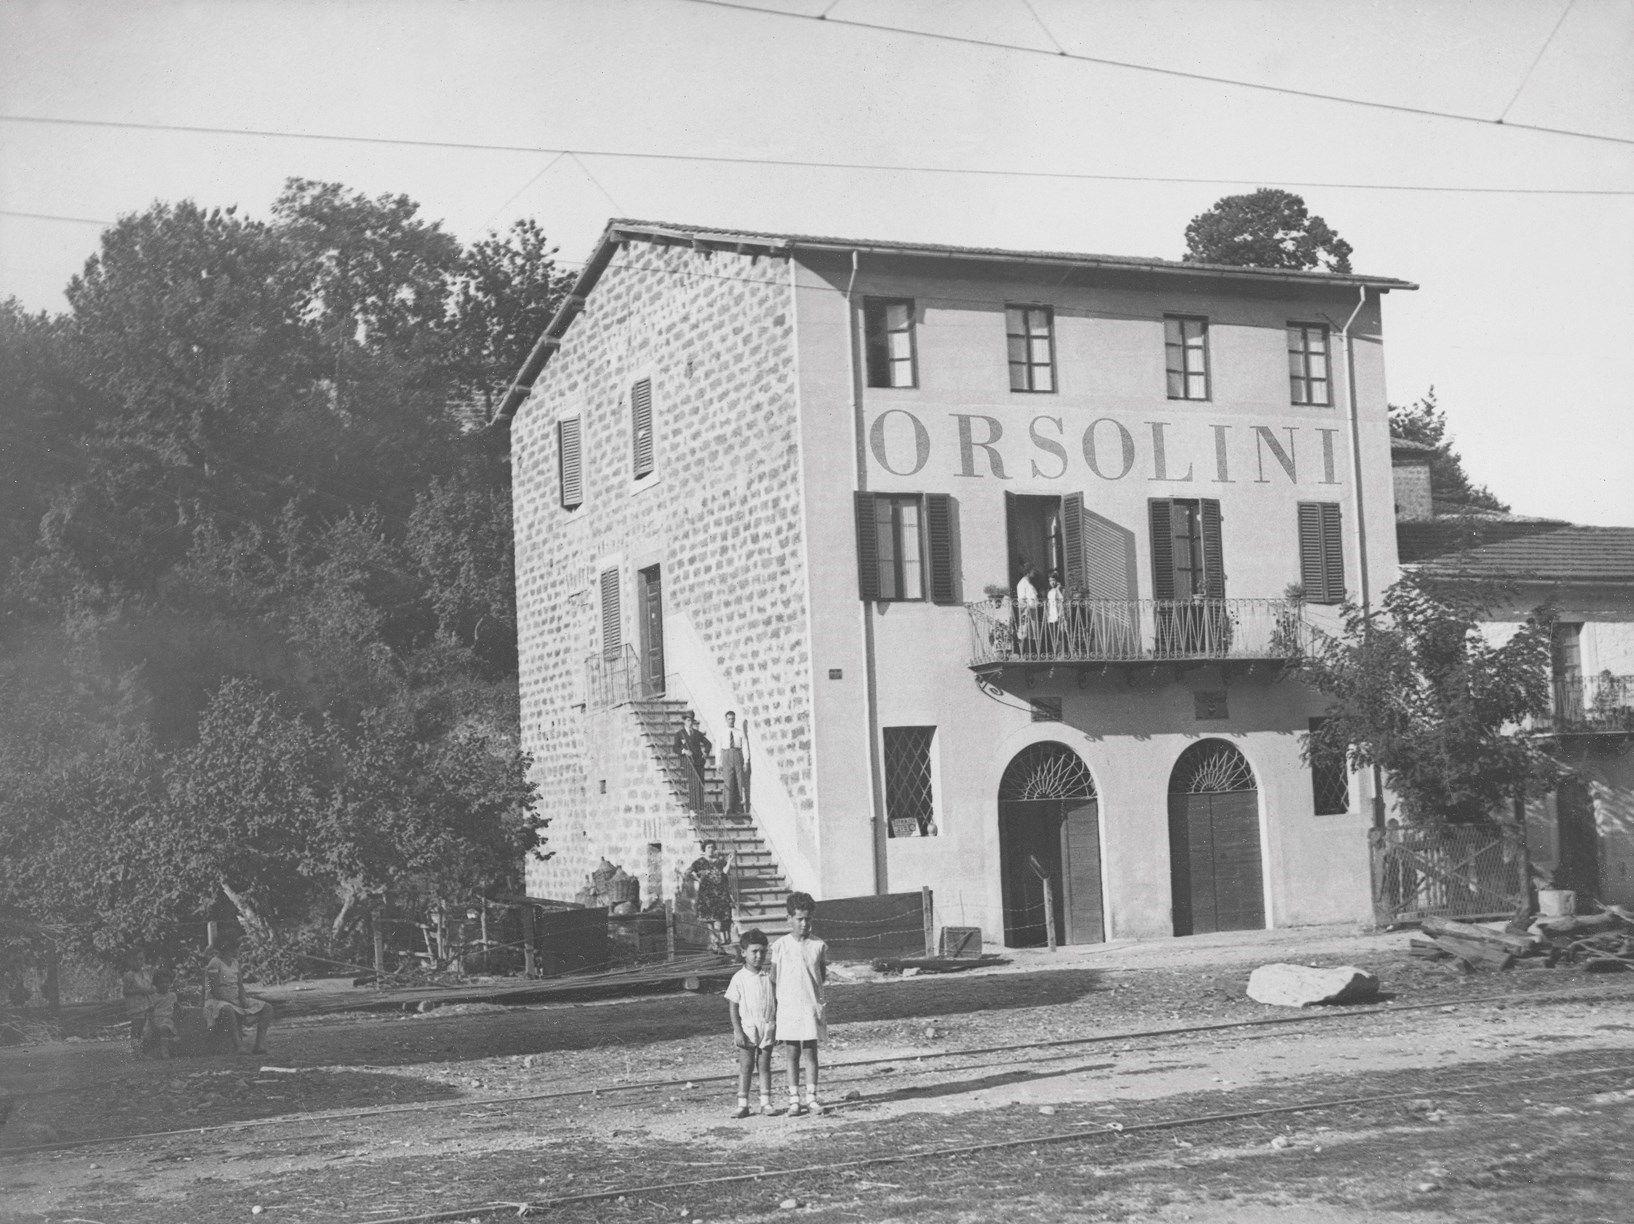 Orsolini Spa festeggia i suoi 140 anni